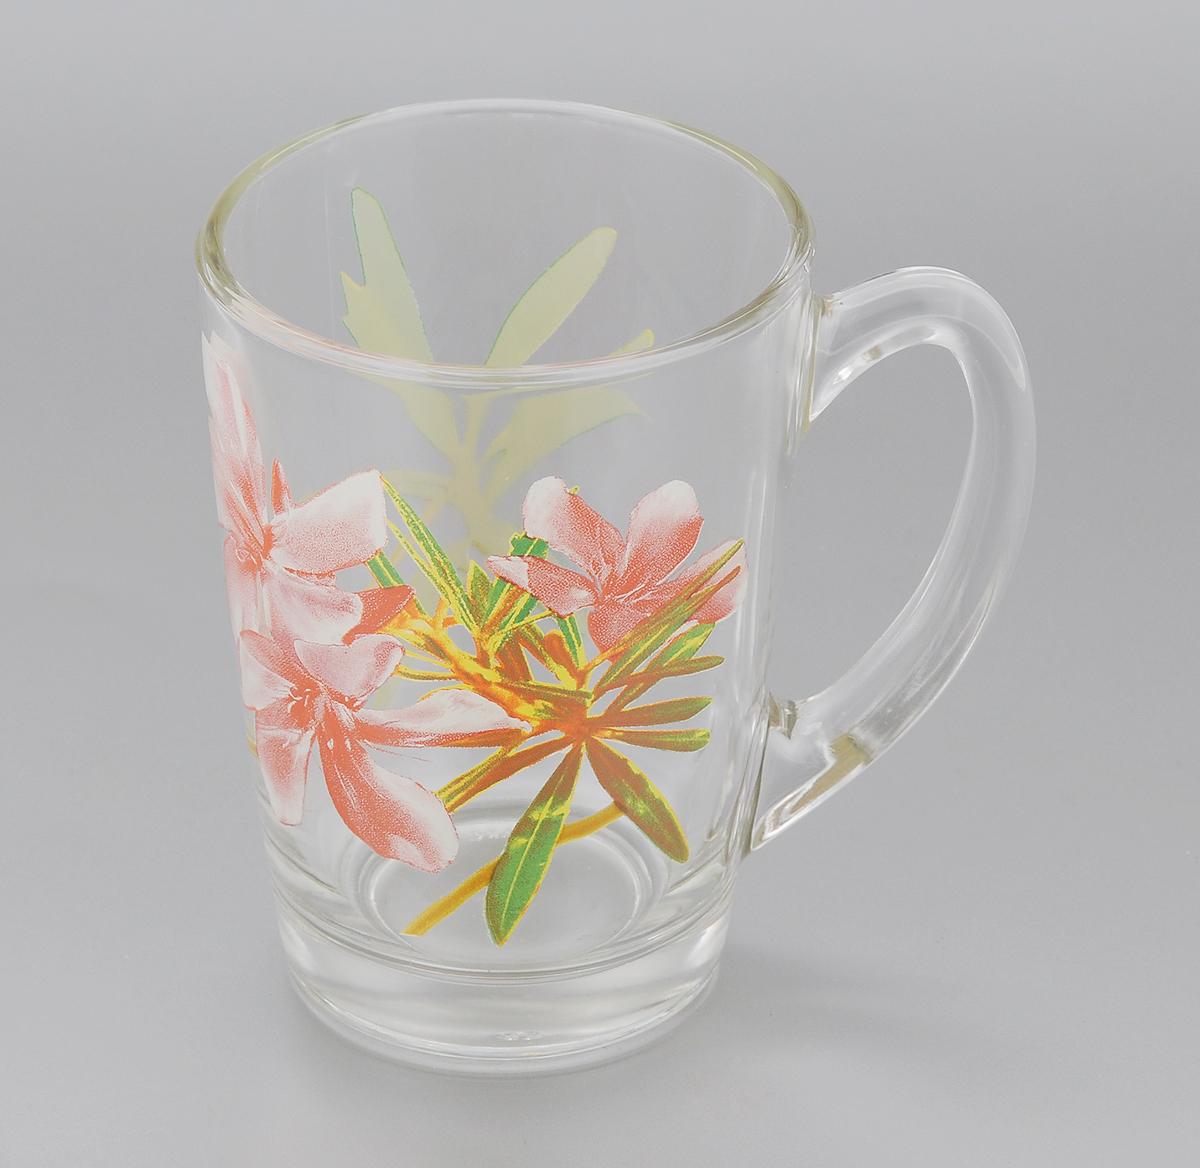 Кружка Luminarc Freesia, 320 мл115510Кружка Luminarc Freesia, изготовленная из упрочненного стекла, оформлена красочным изображением цветов. Такая кружка прекрасно подойдет для горячих и холодных напитков. Она дополнит коллекцию вашей кухонной посуды и будет служить долгие годы. Диаметр кружки (по верхнему краю): 7,8 см.